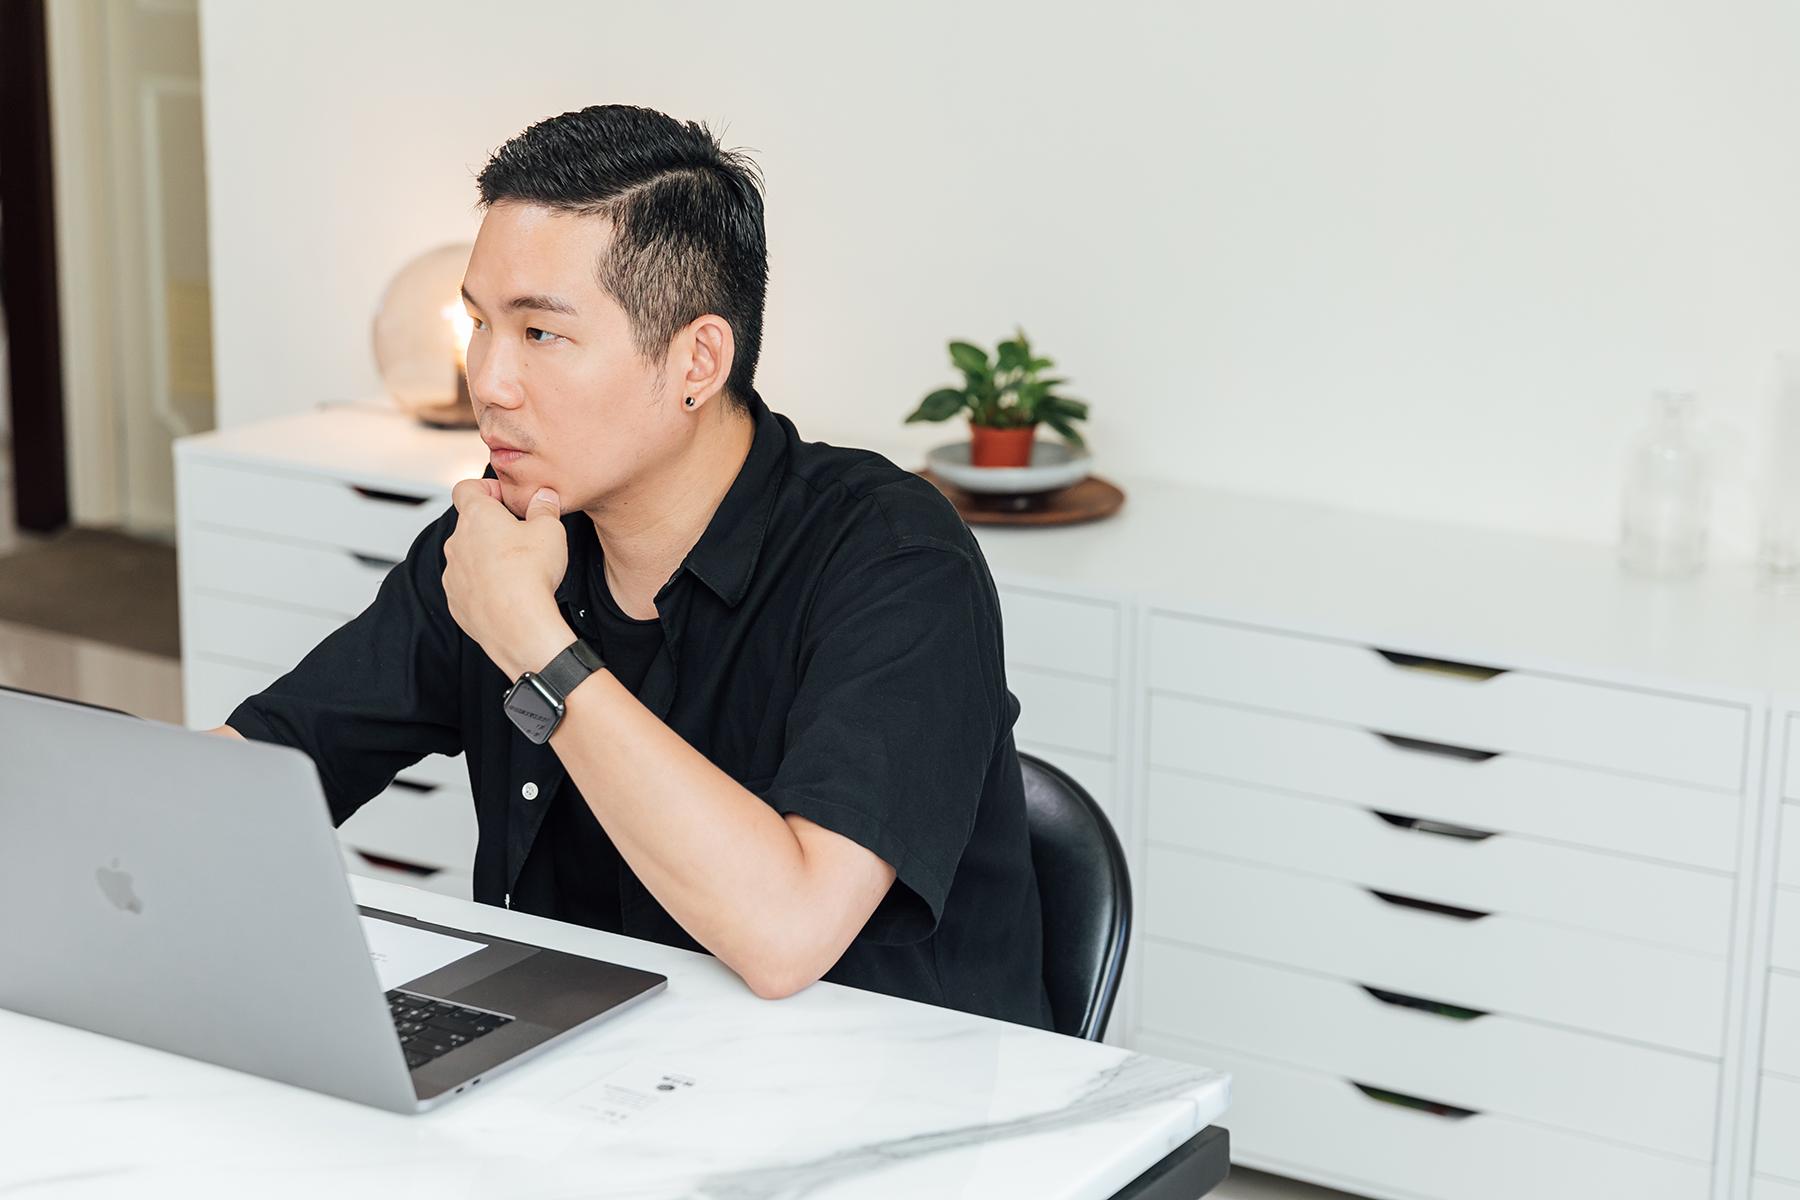 平面設計師顏伯駿操刀桃園隊新的視覺,成功將設計美學導入運動中。